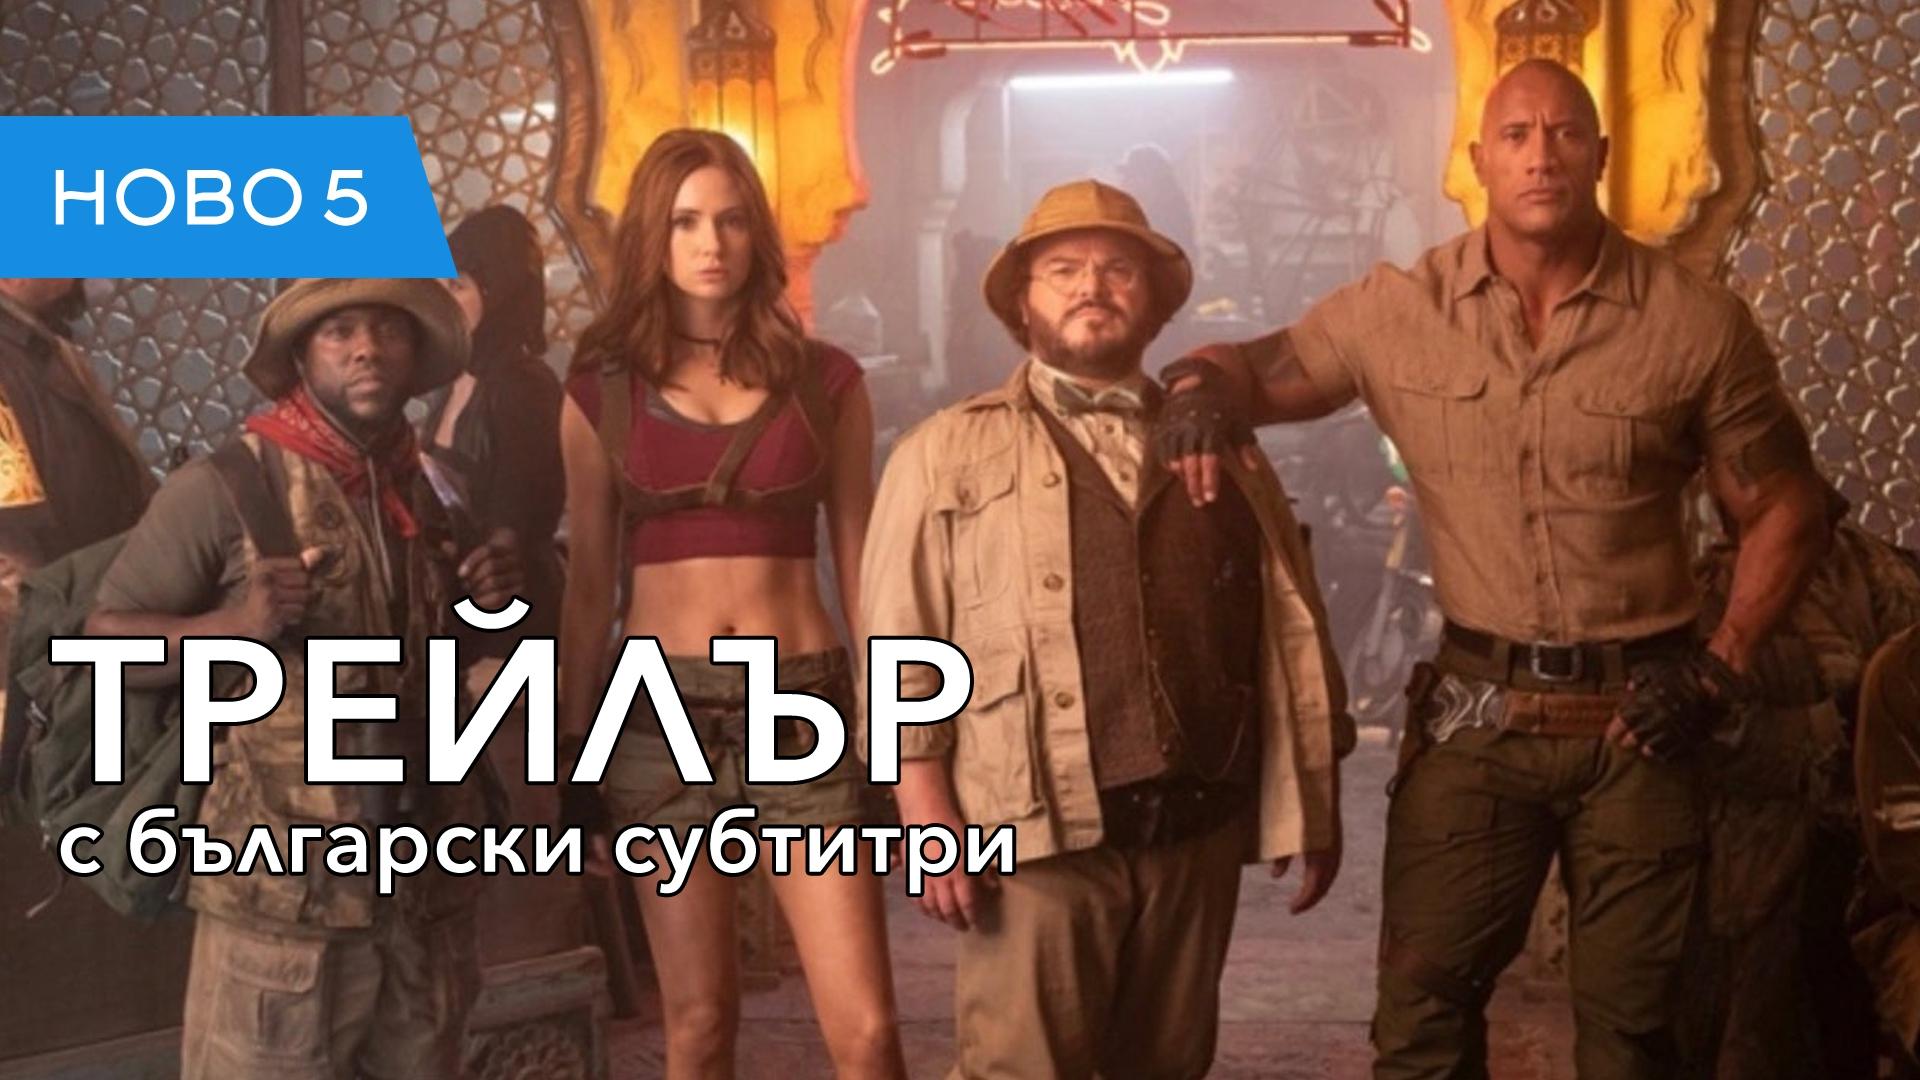 Джуманджи: Следващо ниво (2019) трейлър с български субтитри